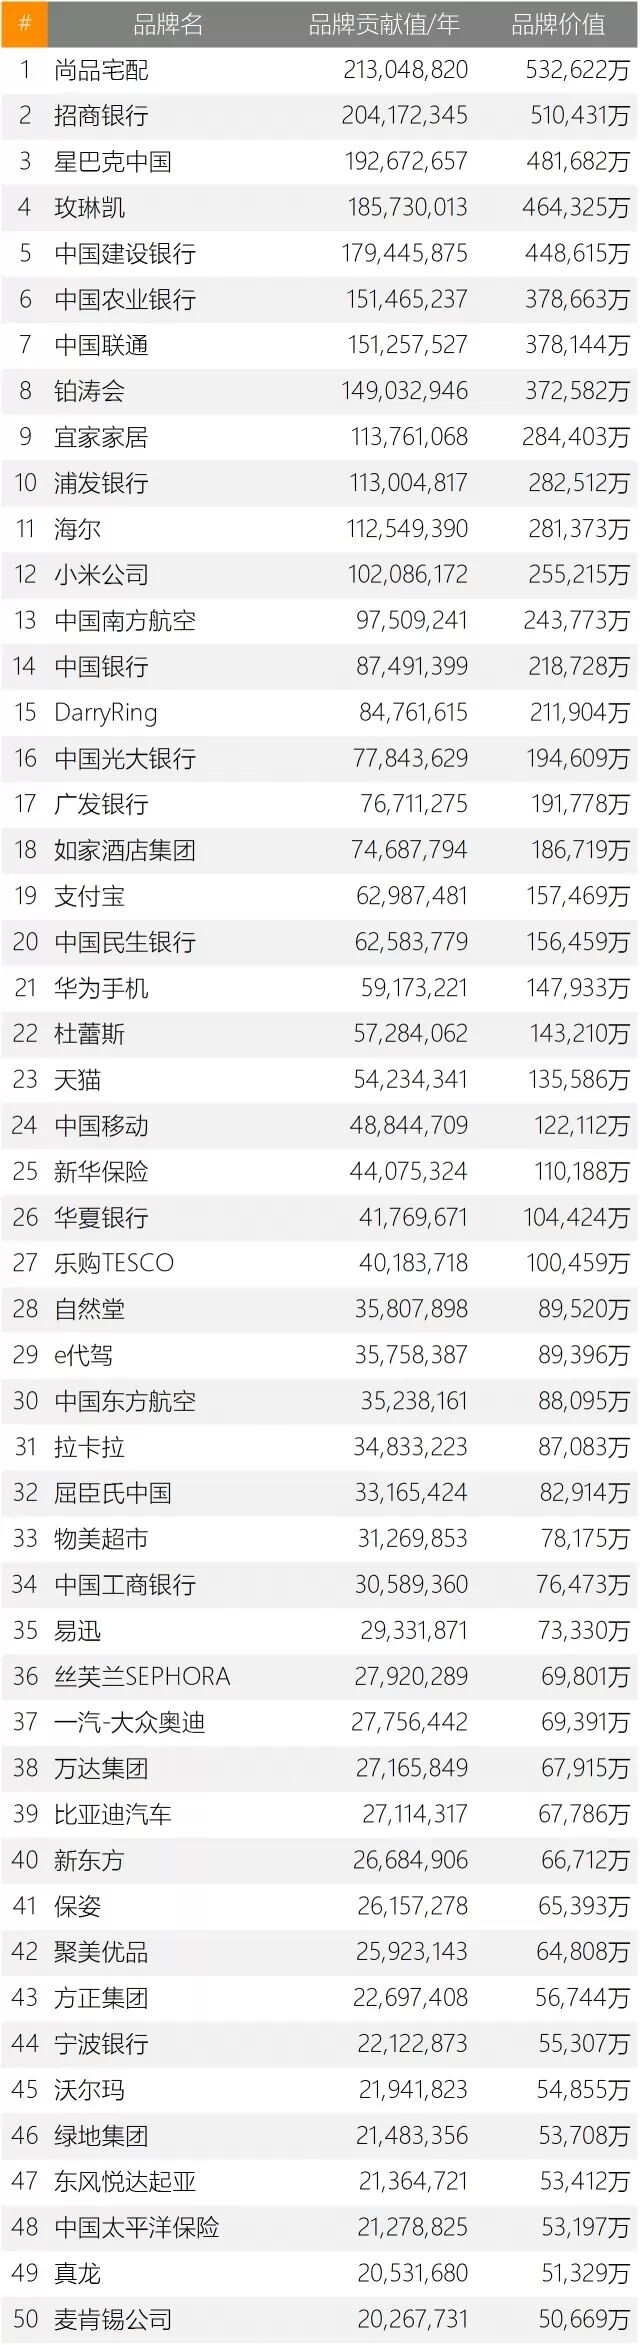 最新中国企业微信财富榜